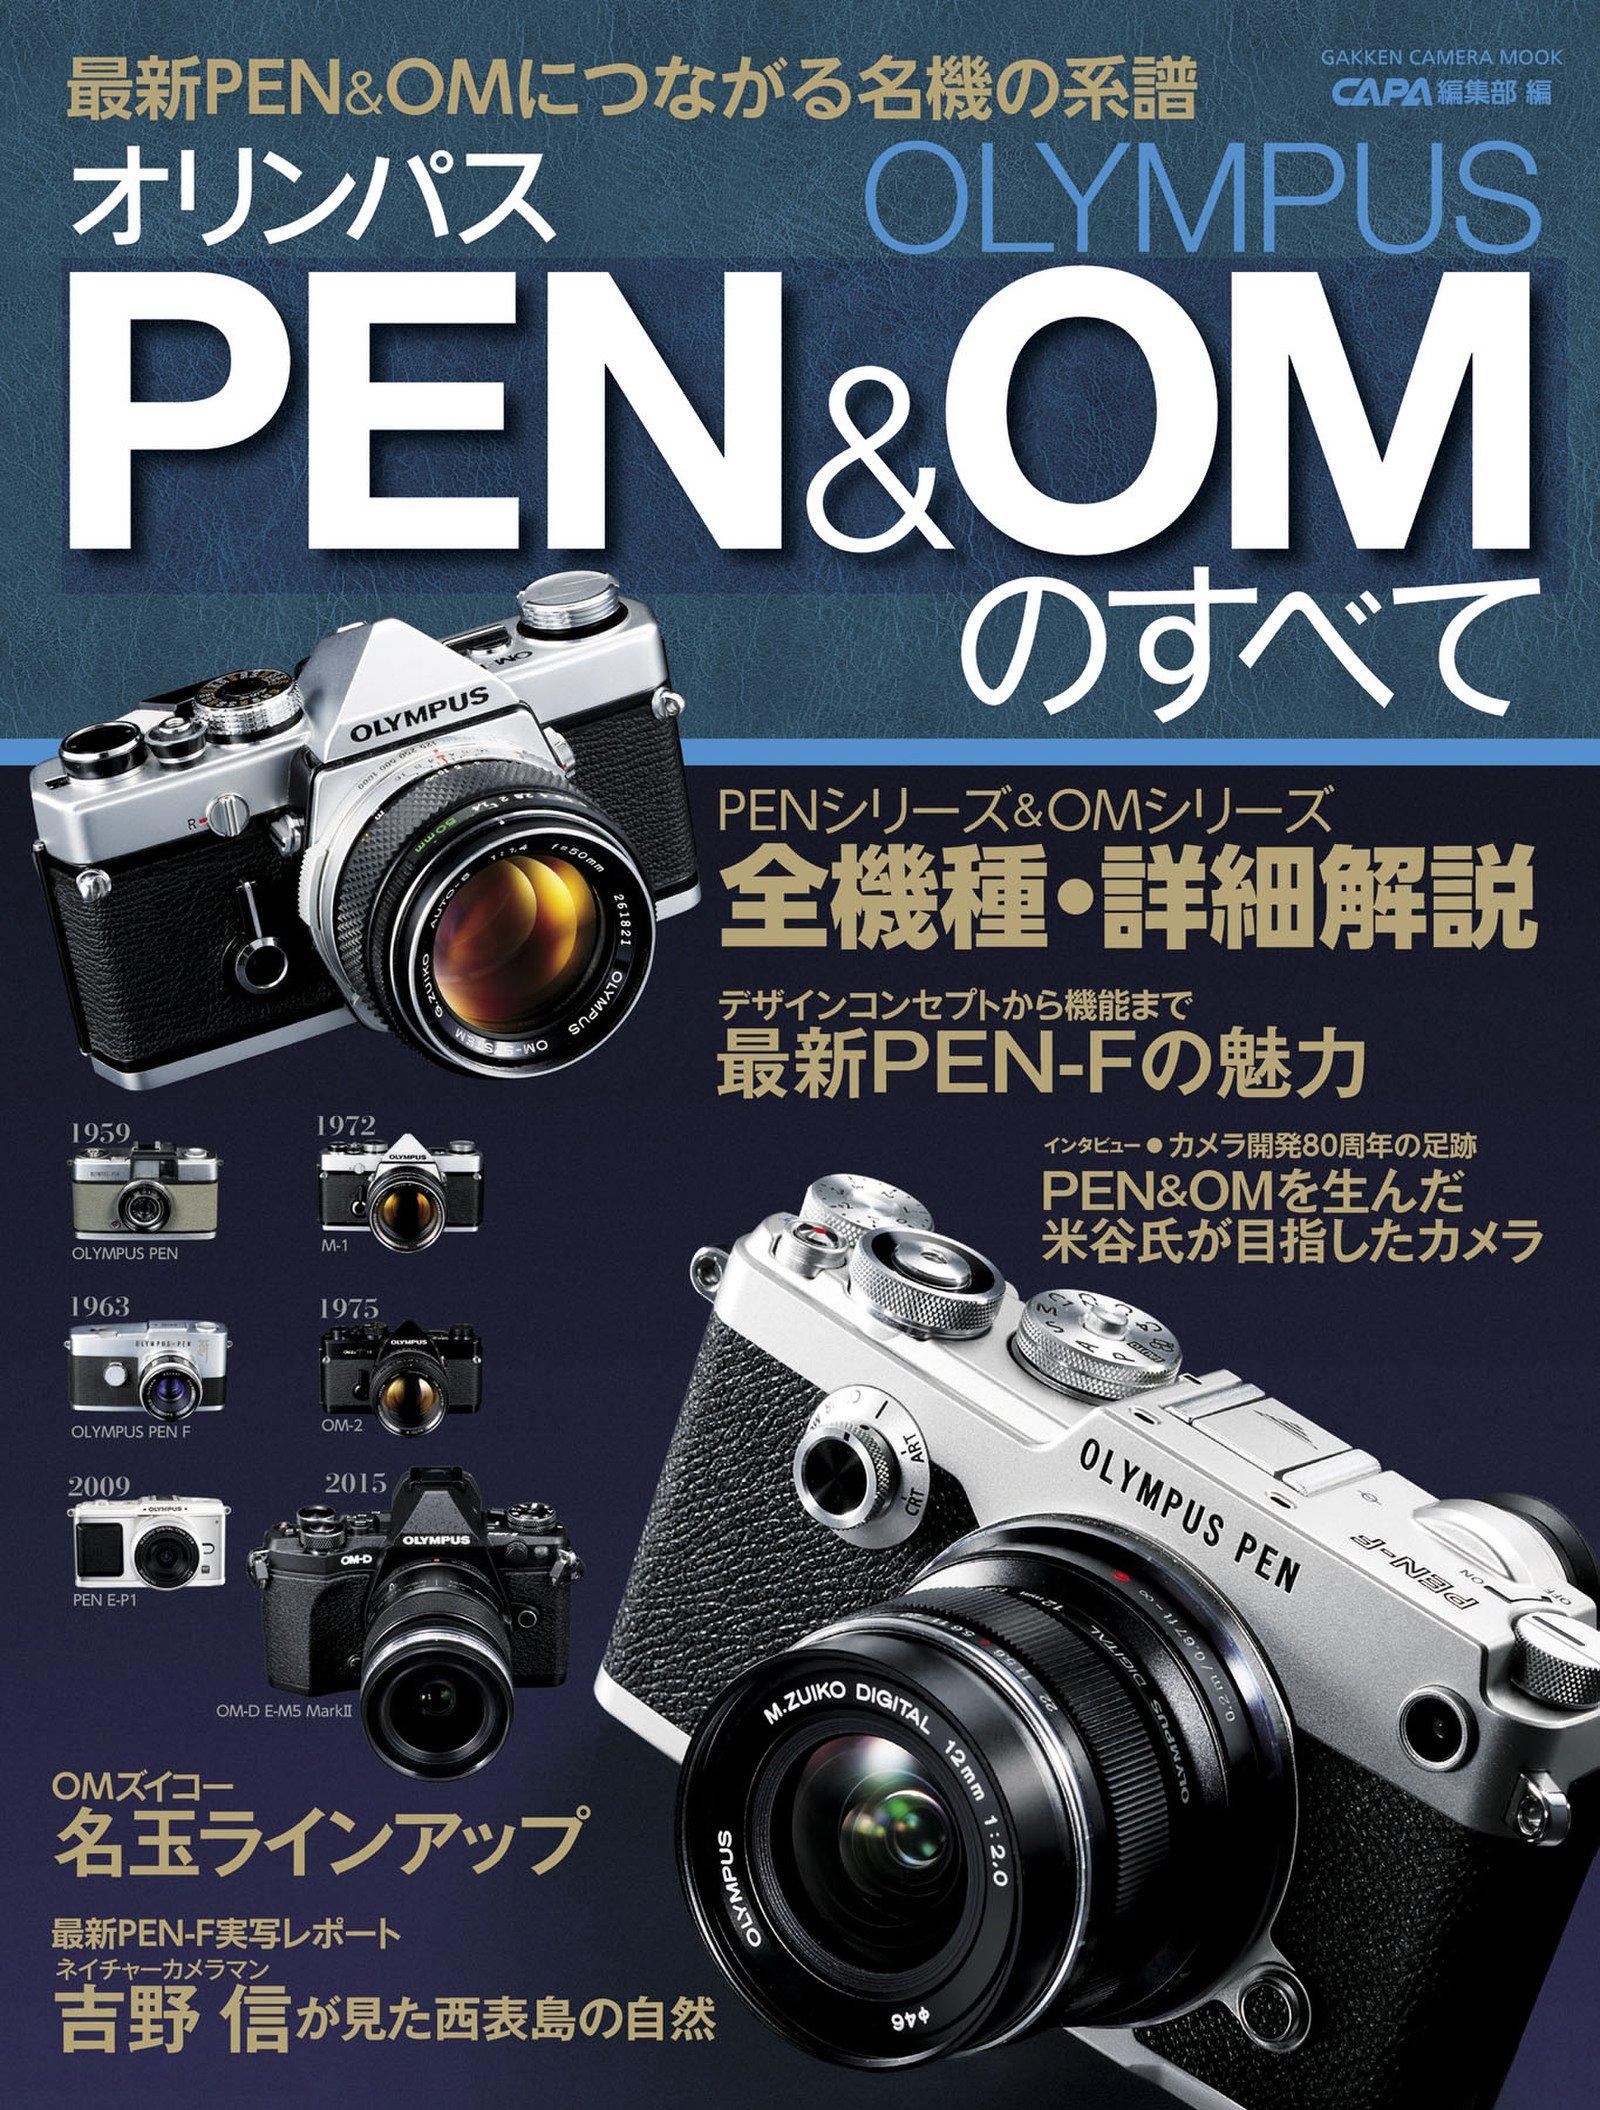 オリンパスPEN&OMのすべて (学研カメラムック) CAPA編集部